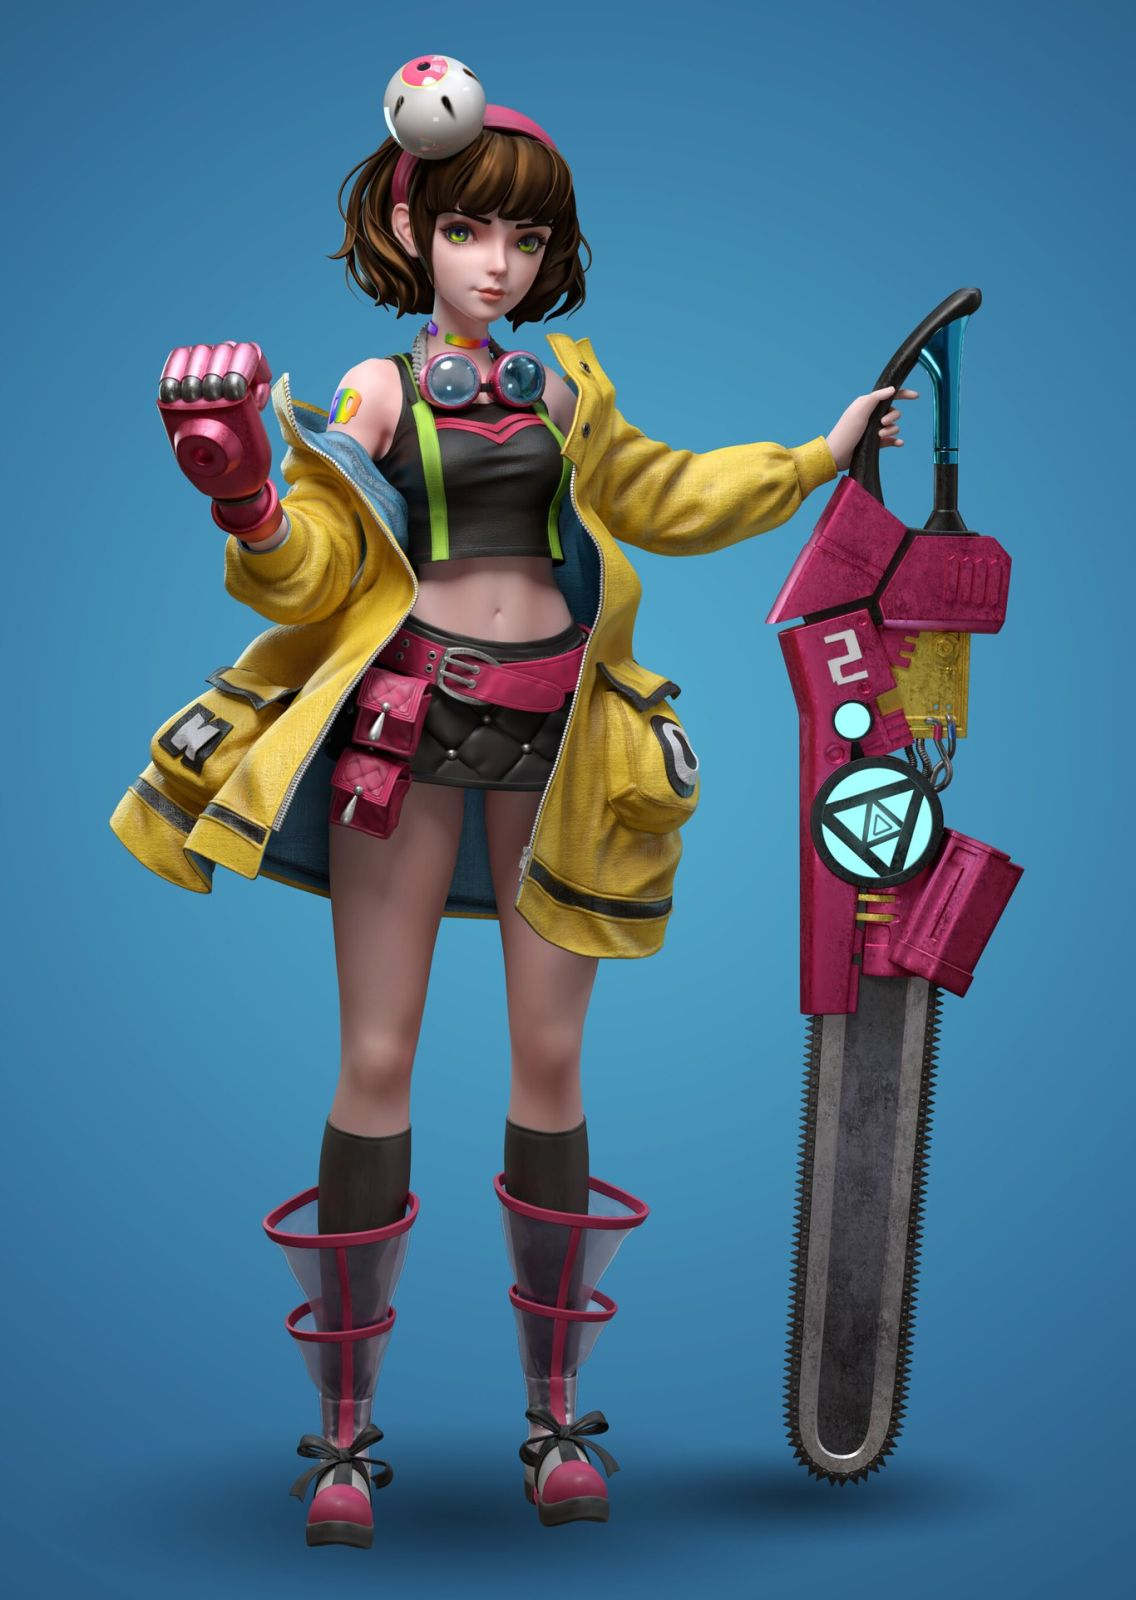 3d model girl with wood cutter by wang jin long